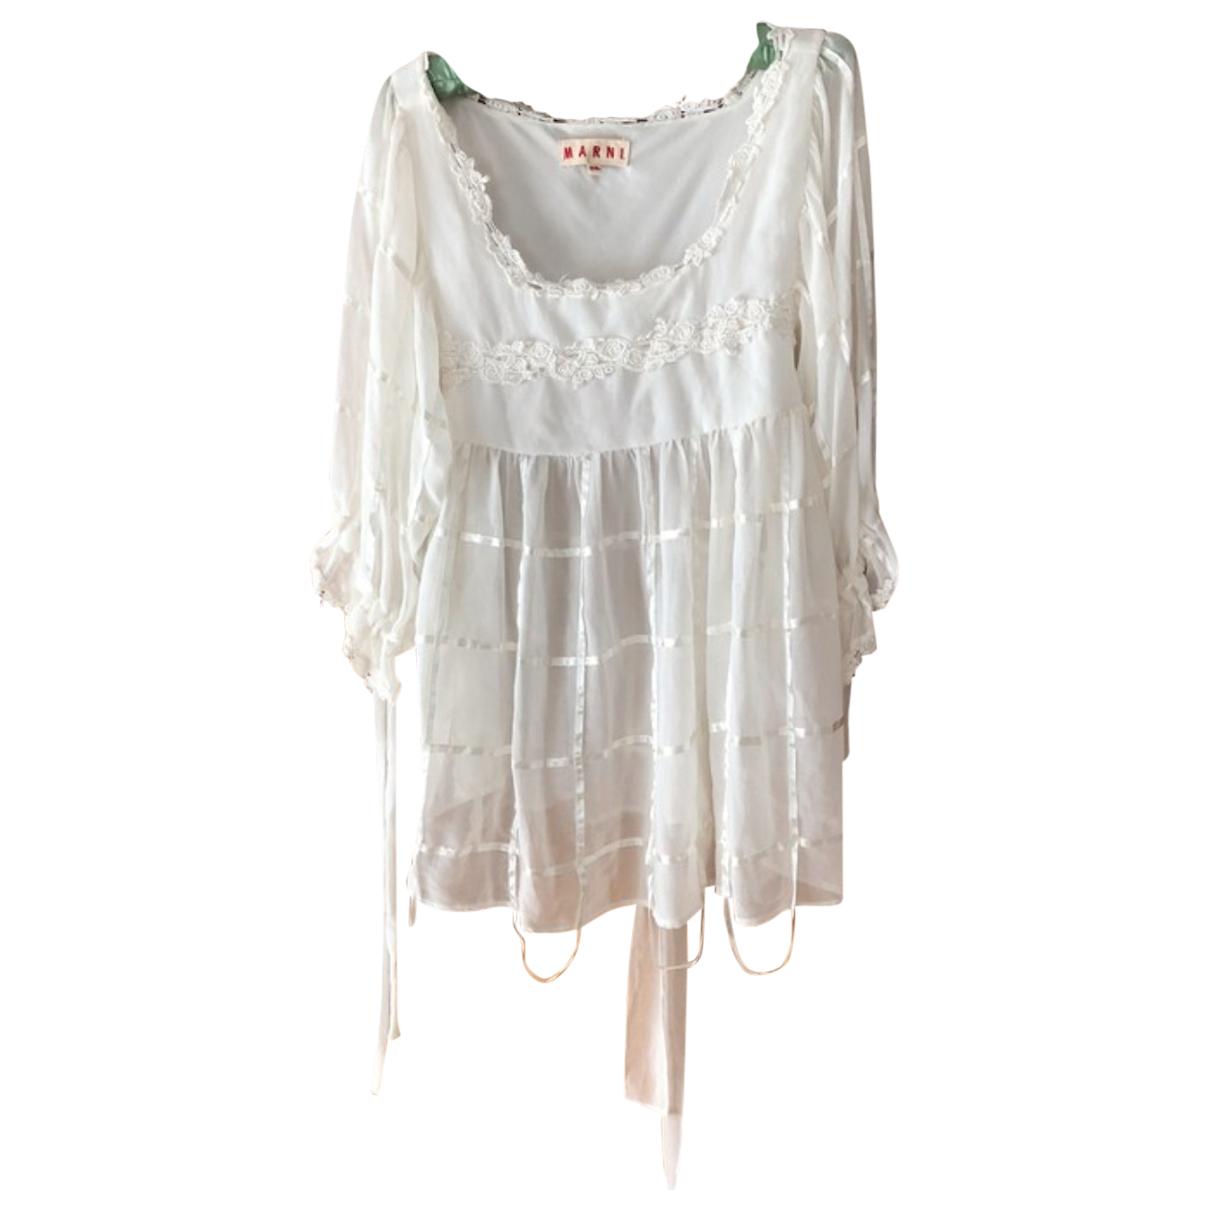 Marni - Top   pour femme en soie - blanc